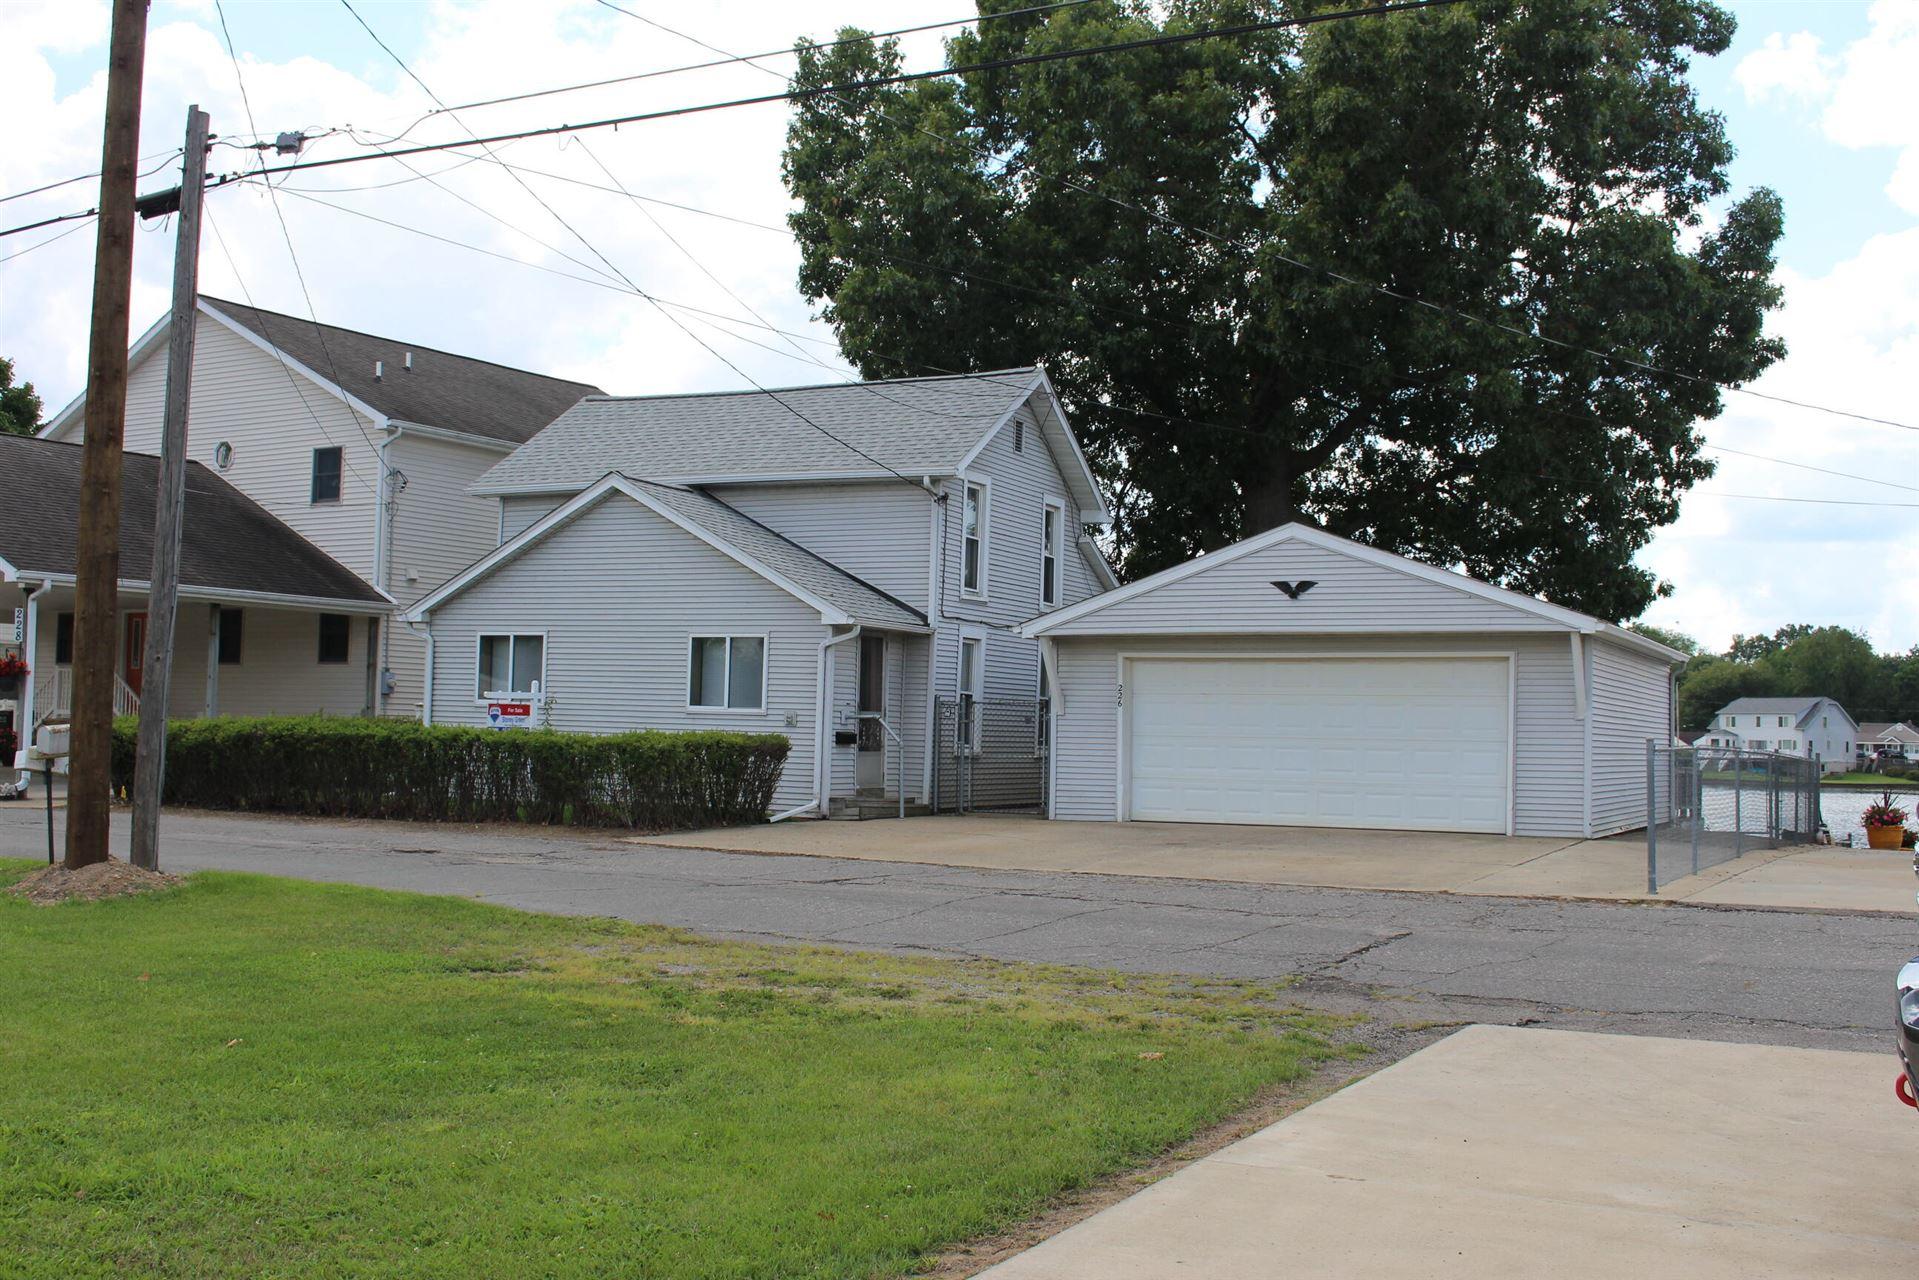 226 Duryea S Point Drive, Michigan Center, MI 49254 - MLS#: 21098157